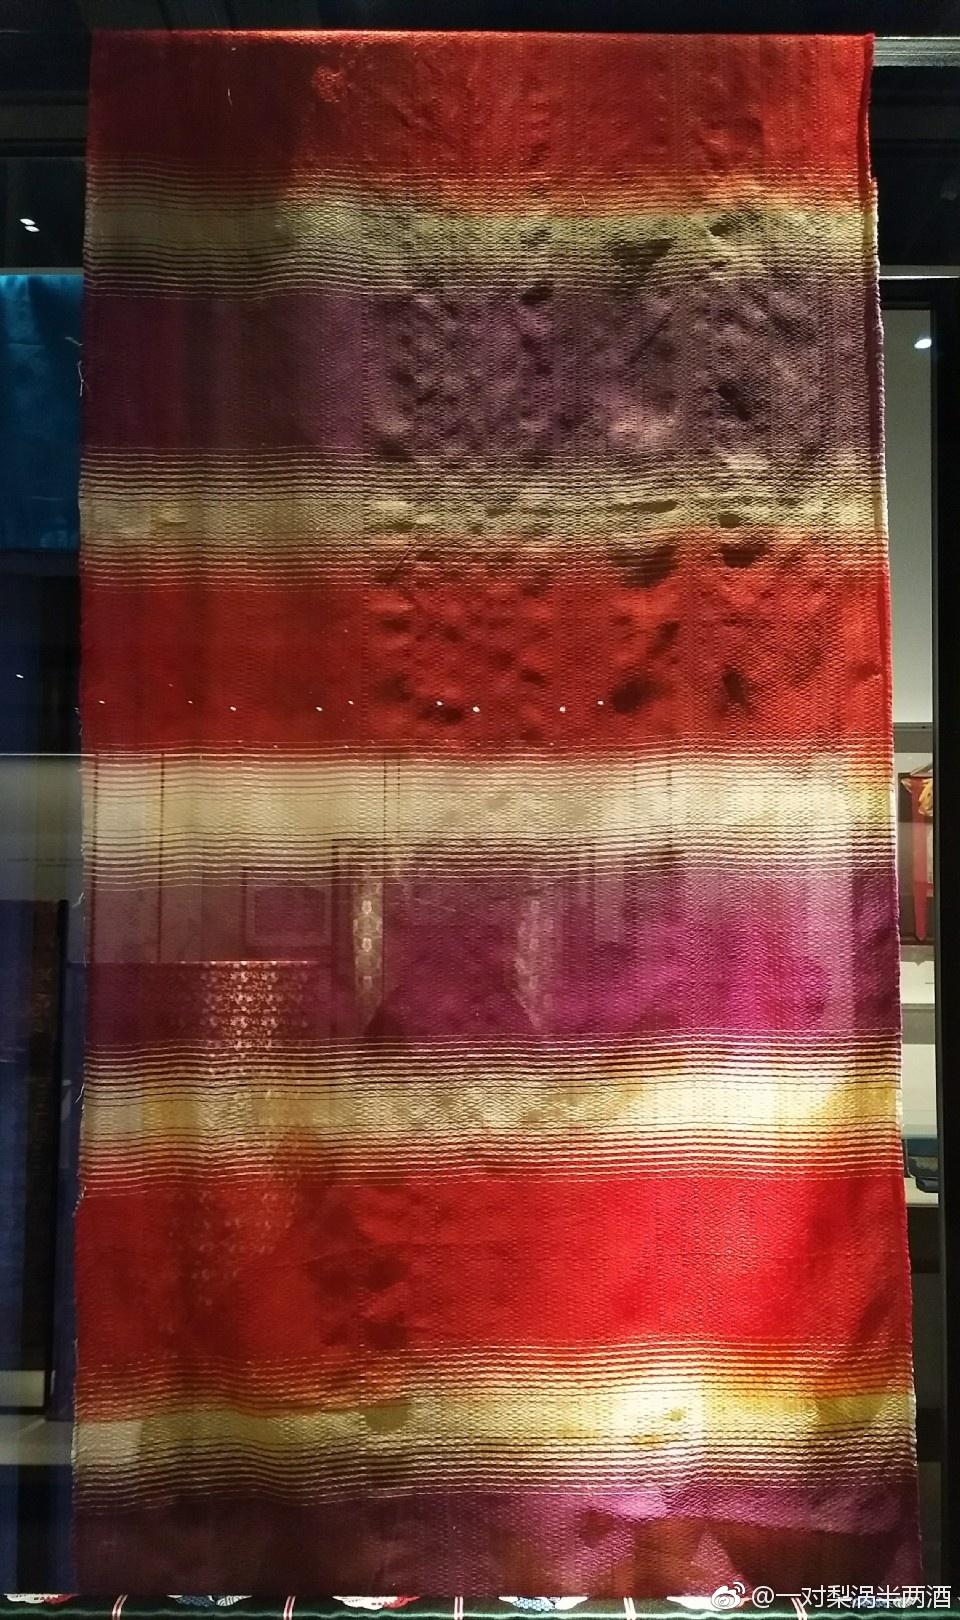 雨絲錦:雨絲錦用色經彩條的寬窄來達到深淺過渡的效應.圖片